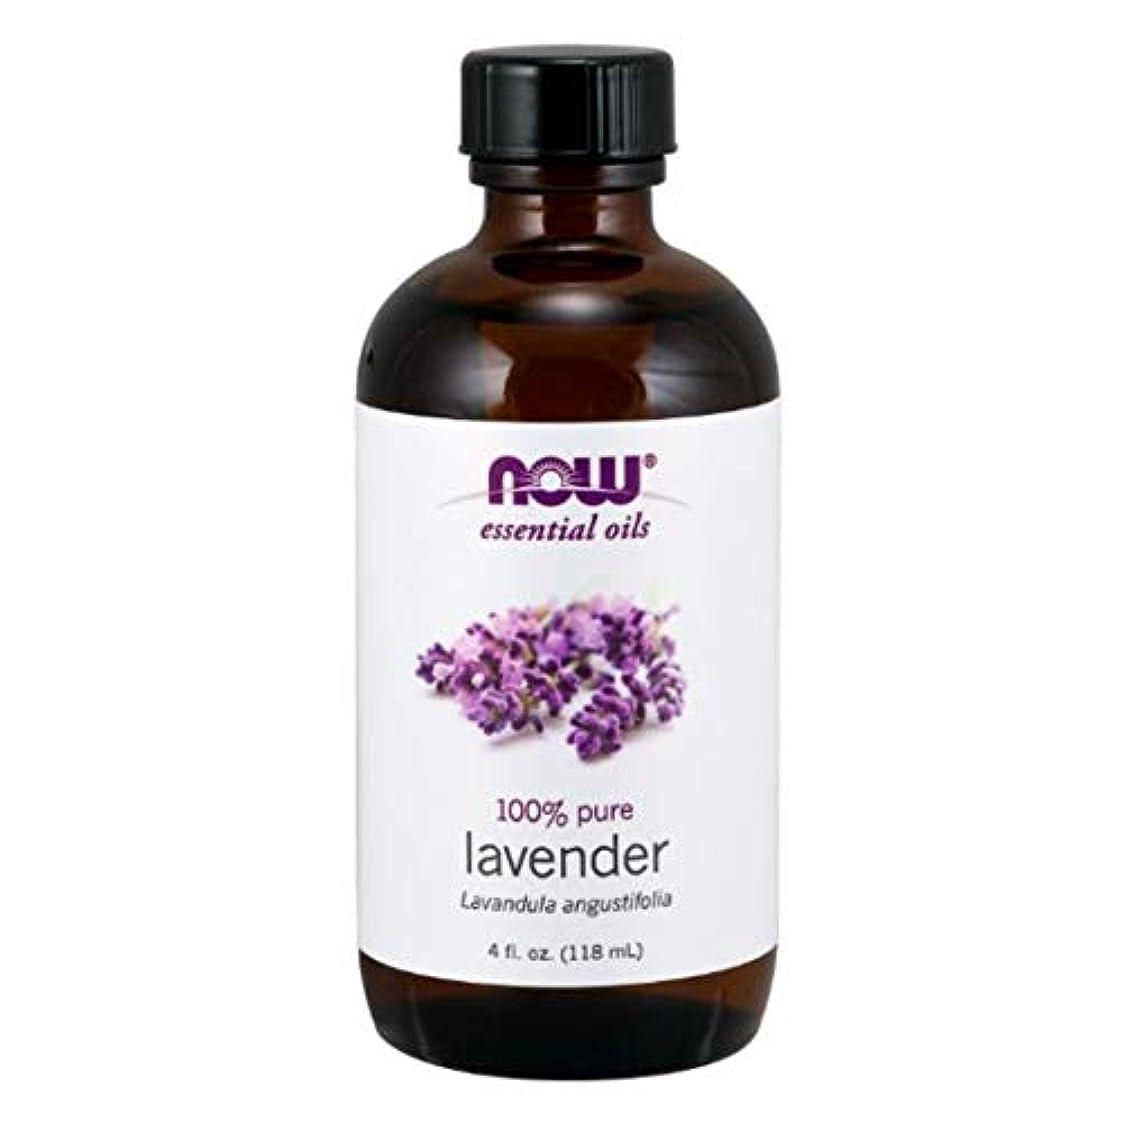 干渉高音爵Now - Lavender Oil 100% Pure 4 oz (118 ml) [並行輸入品]